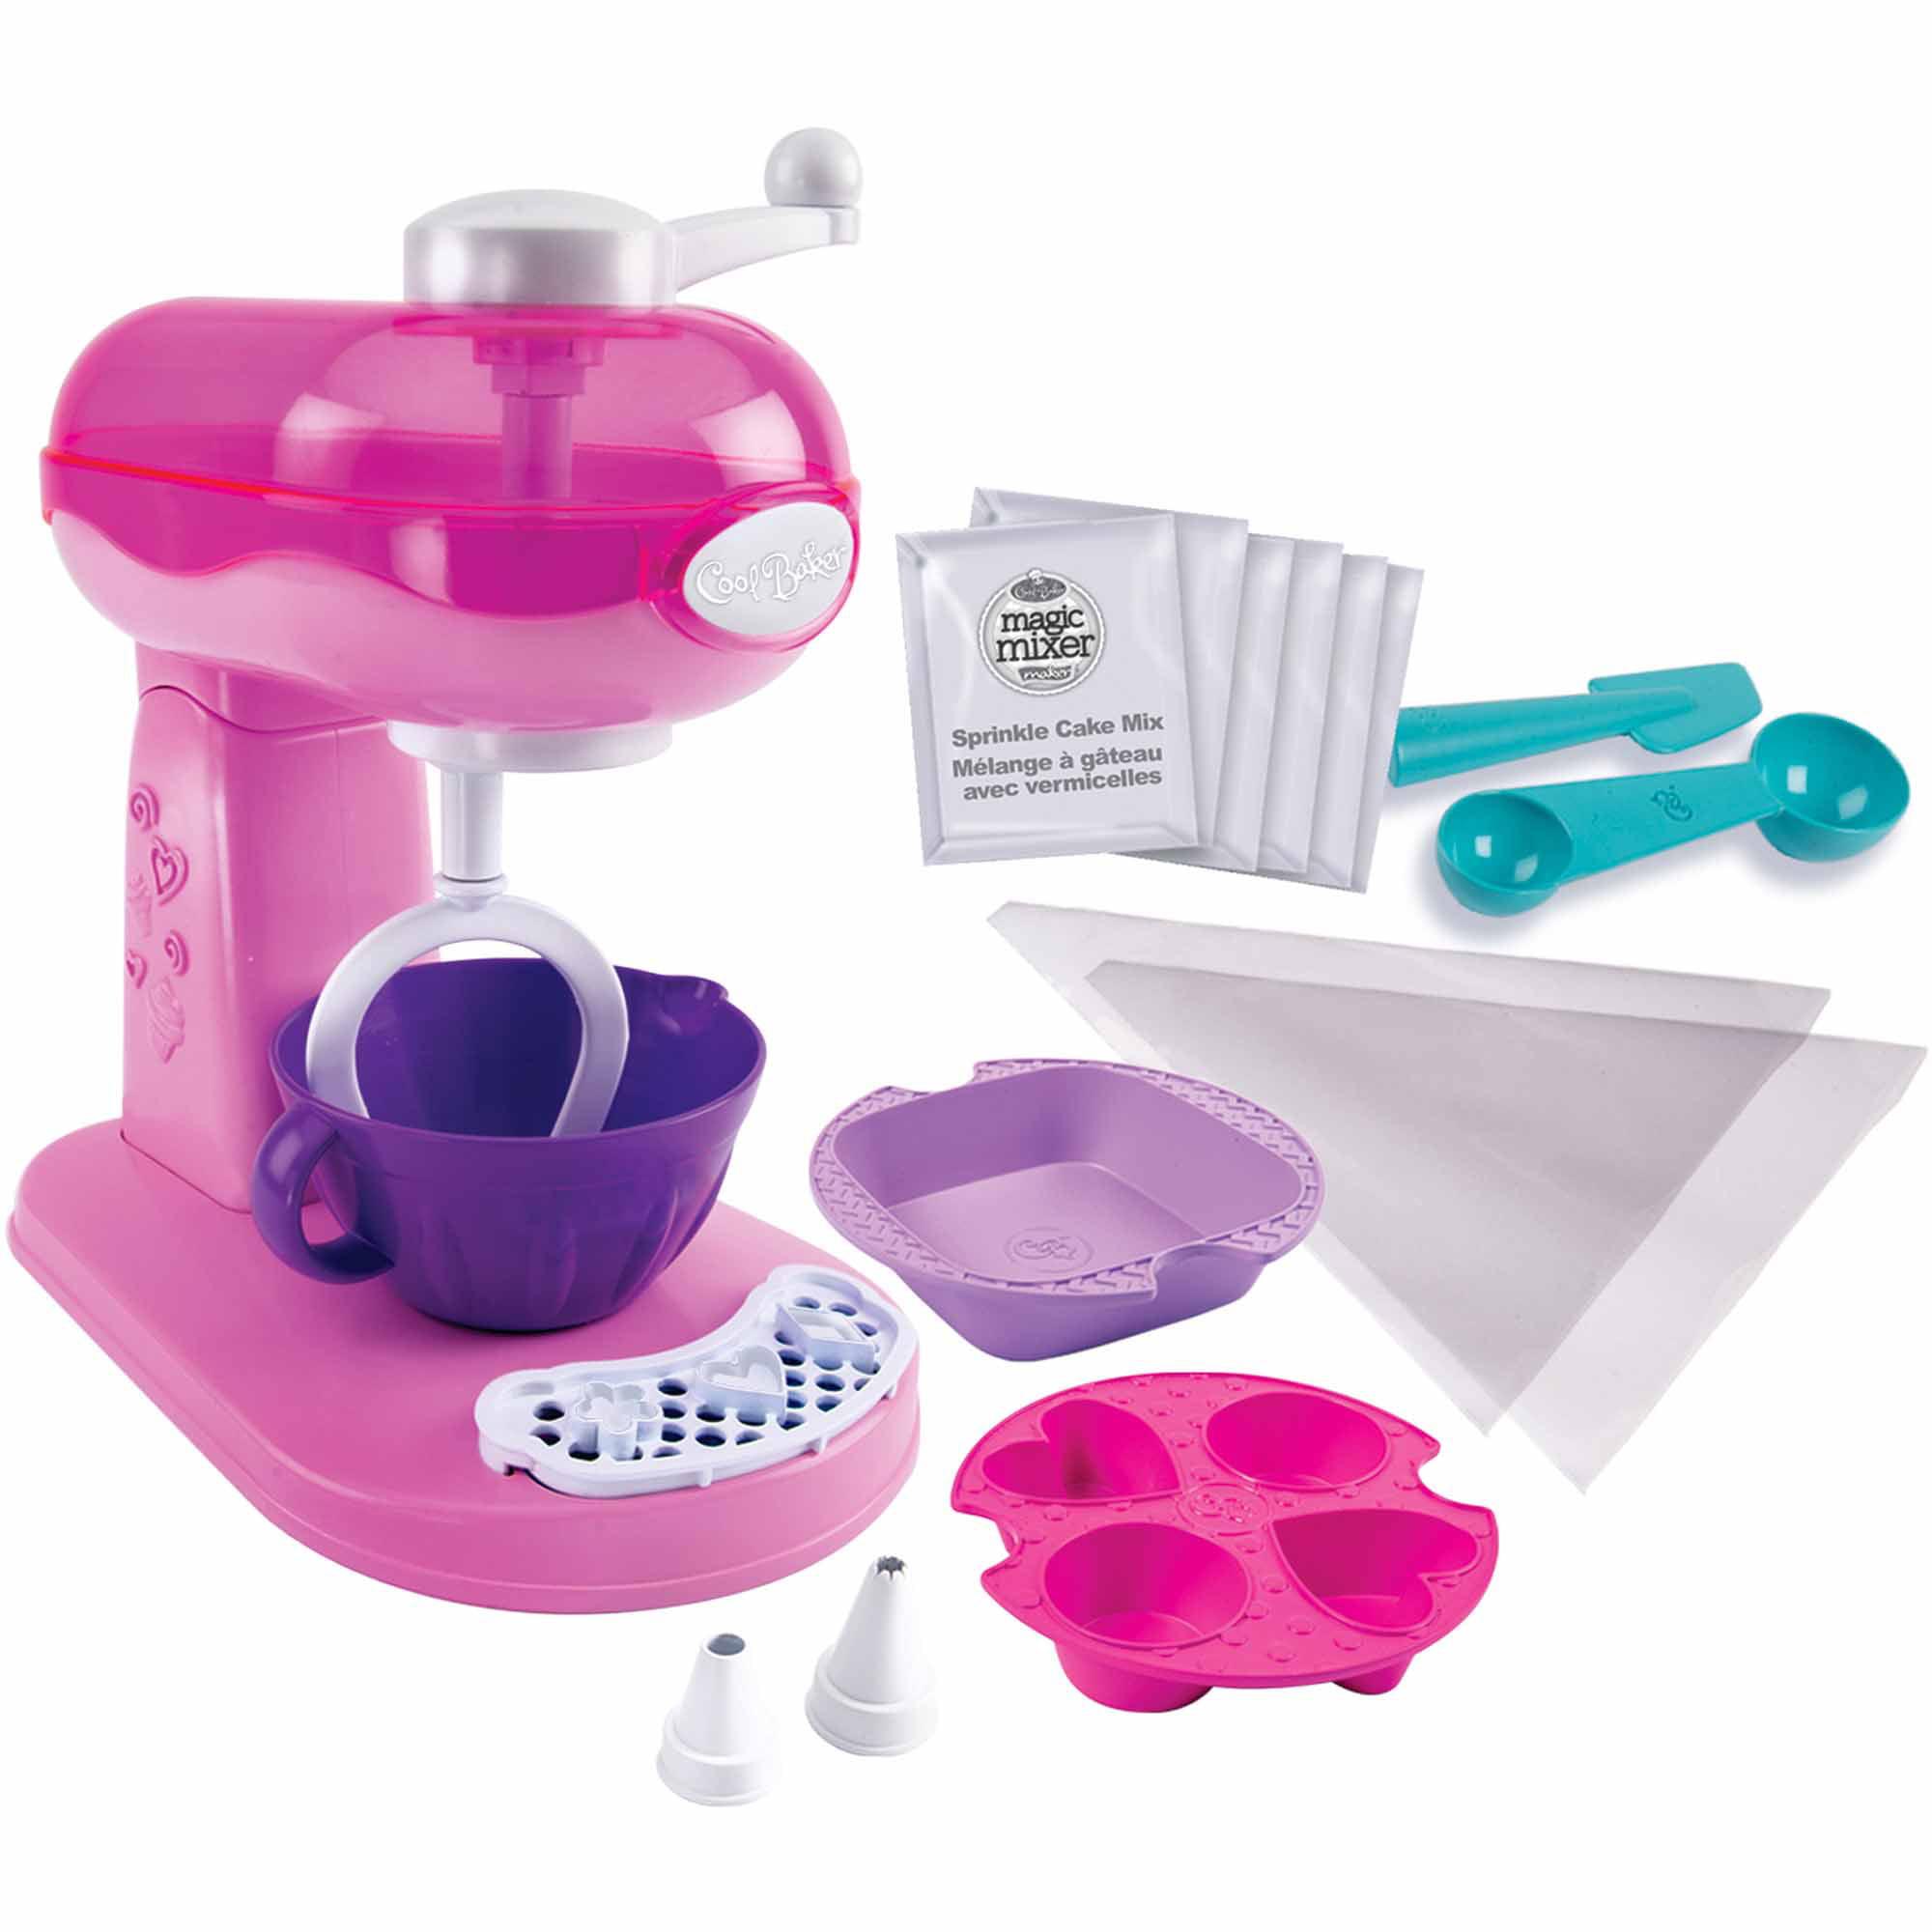 Cool Baker Magic Mixer Maker, Pink - Walmart.com